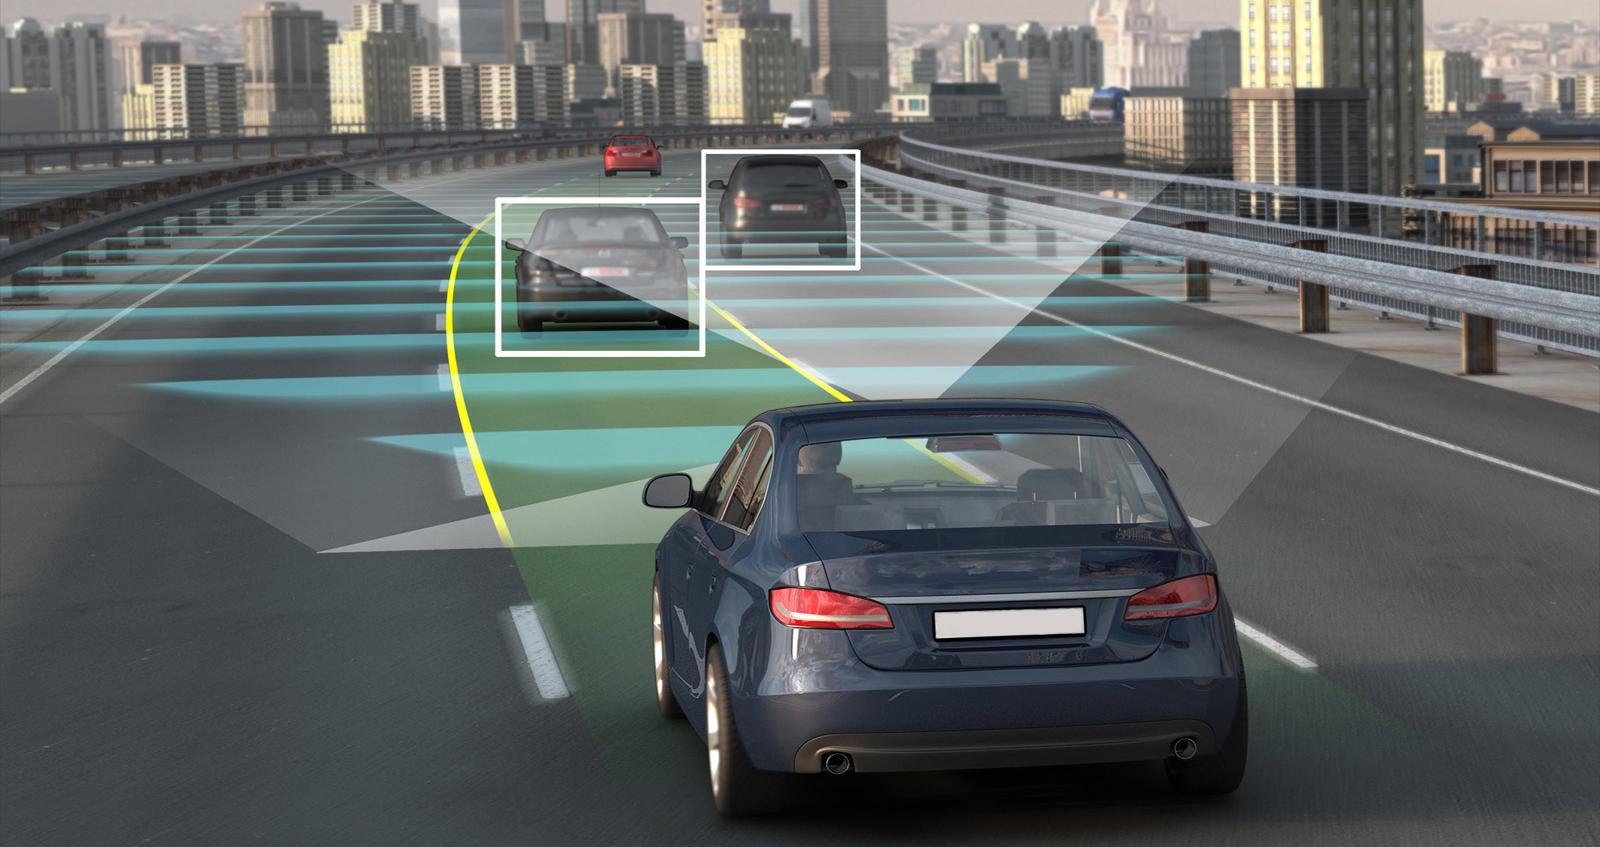 На трассе под Вышним Волочком будут тестировать технологии беспилотного автотранспорта